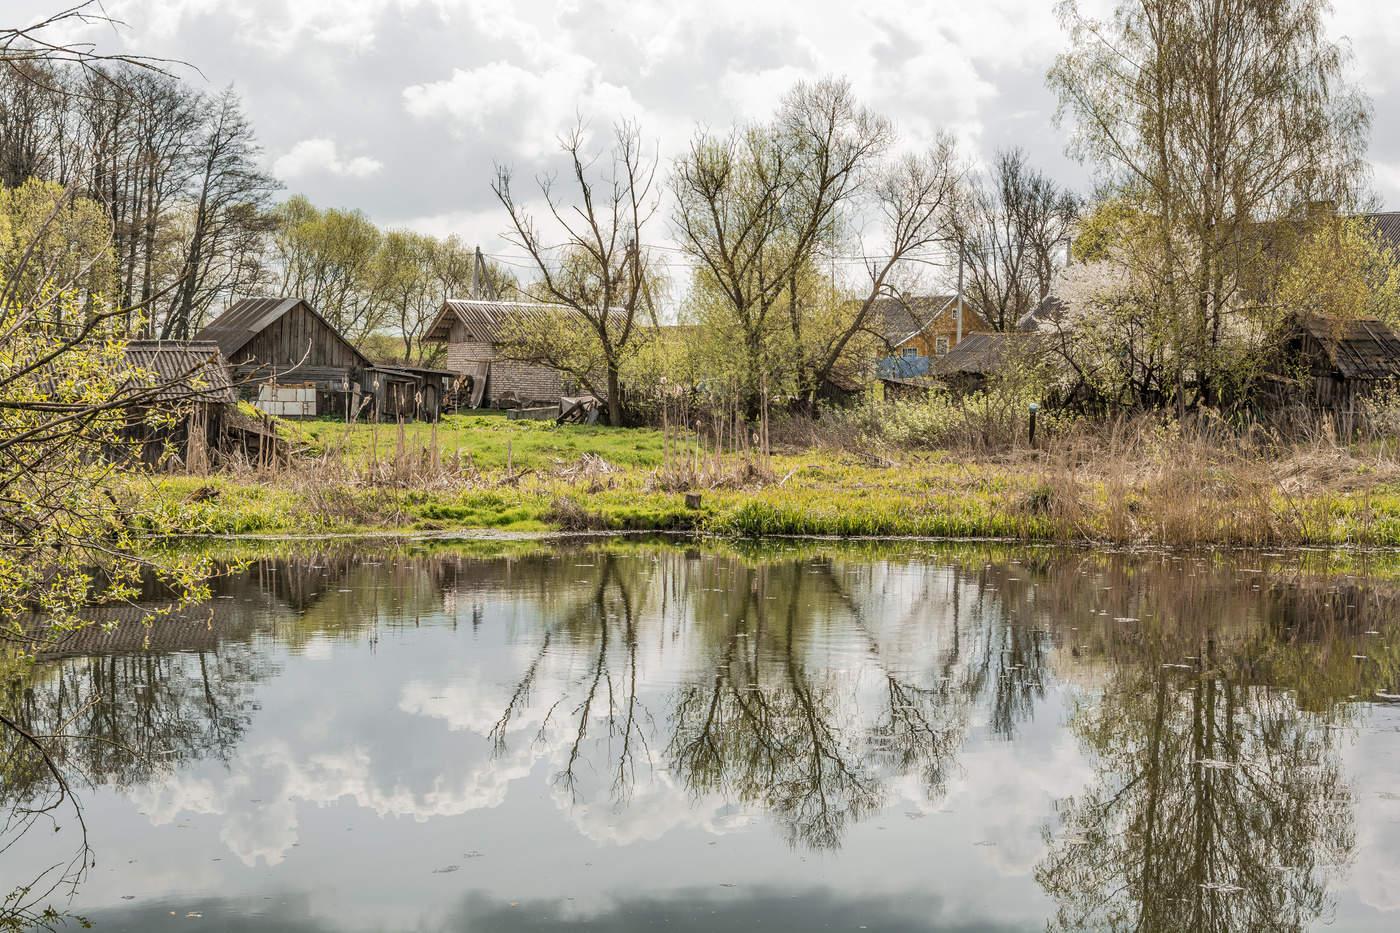 порчи весна фото природа деревня для ловли